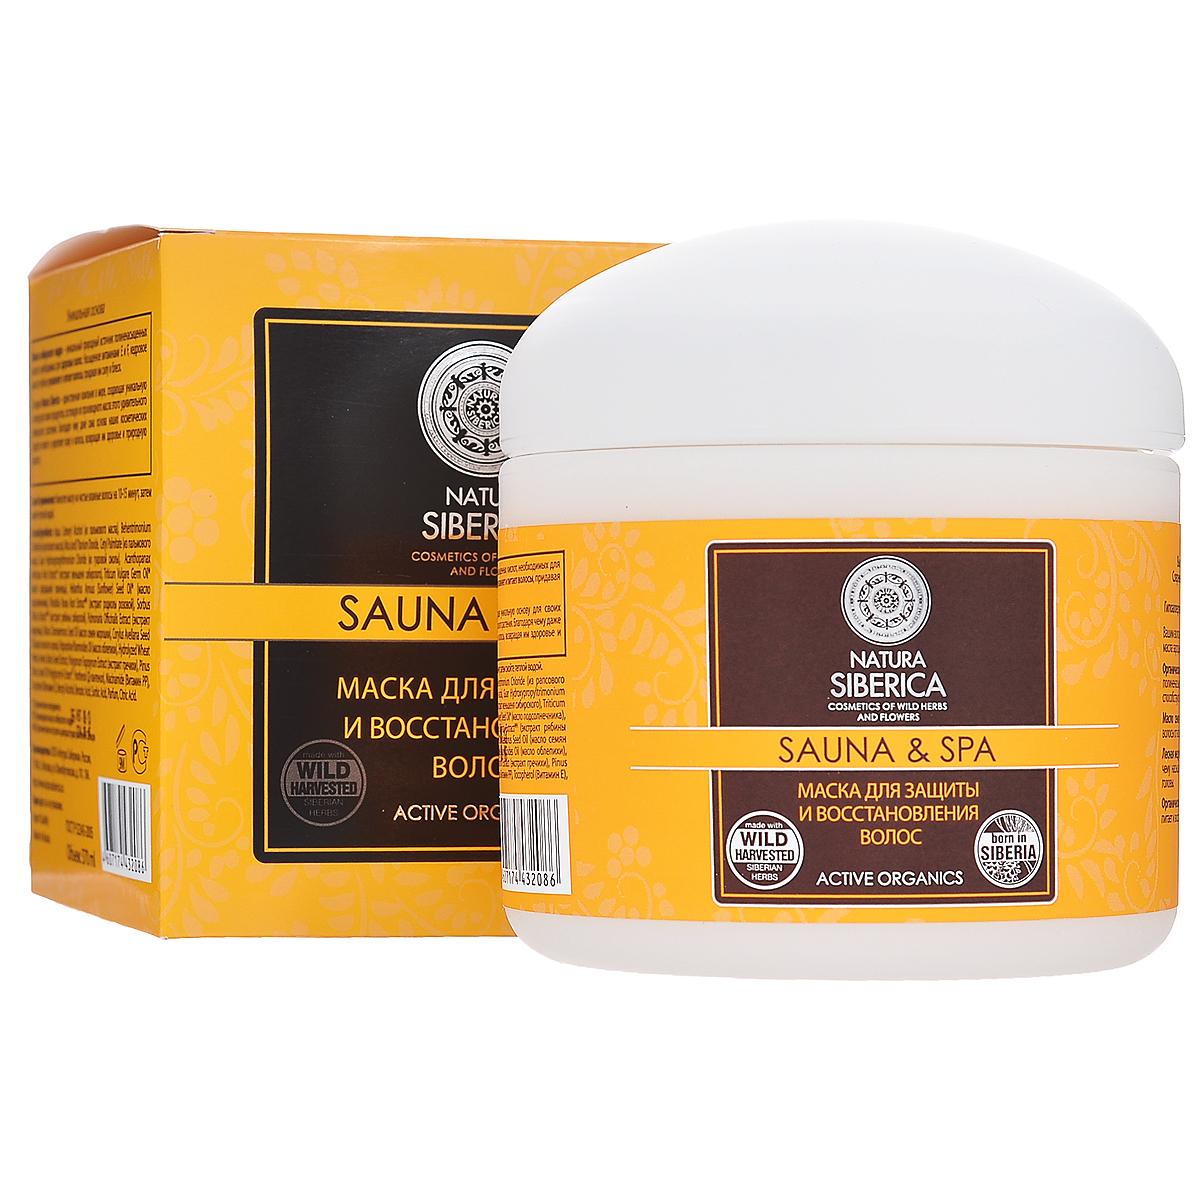 """Natura Siberica Маска """"Sauna & Spa"""" для защиты и восстановления волос, 370 мл"""